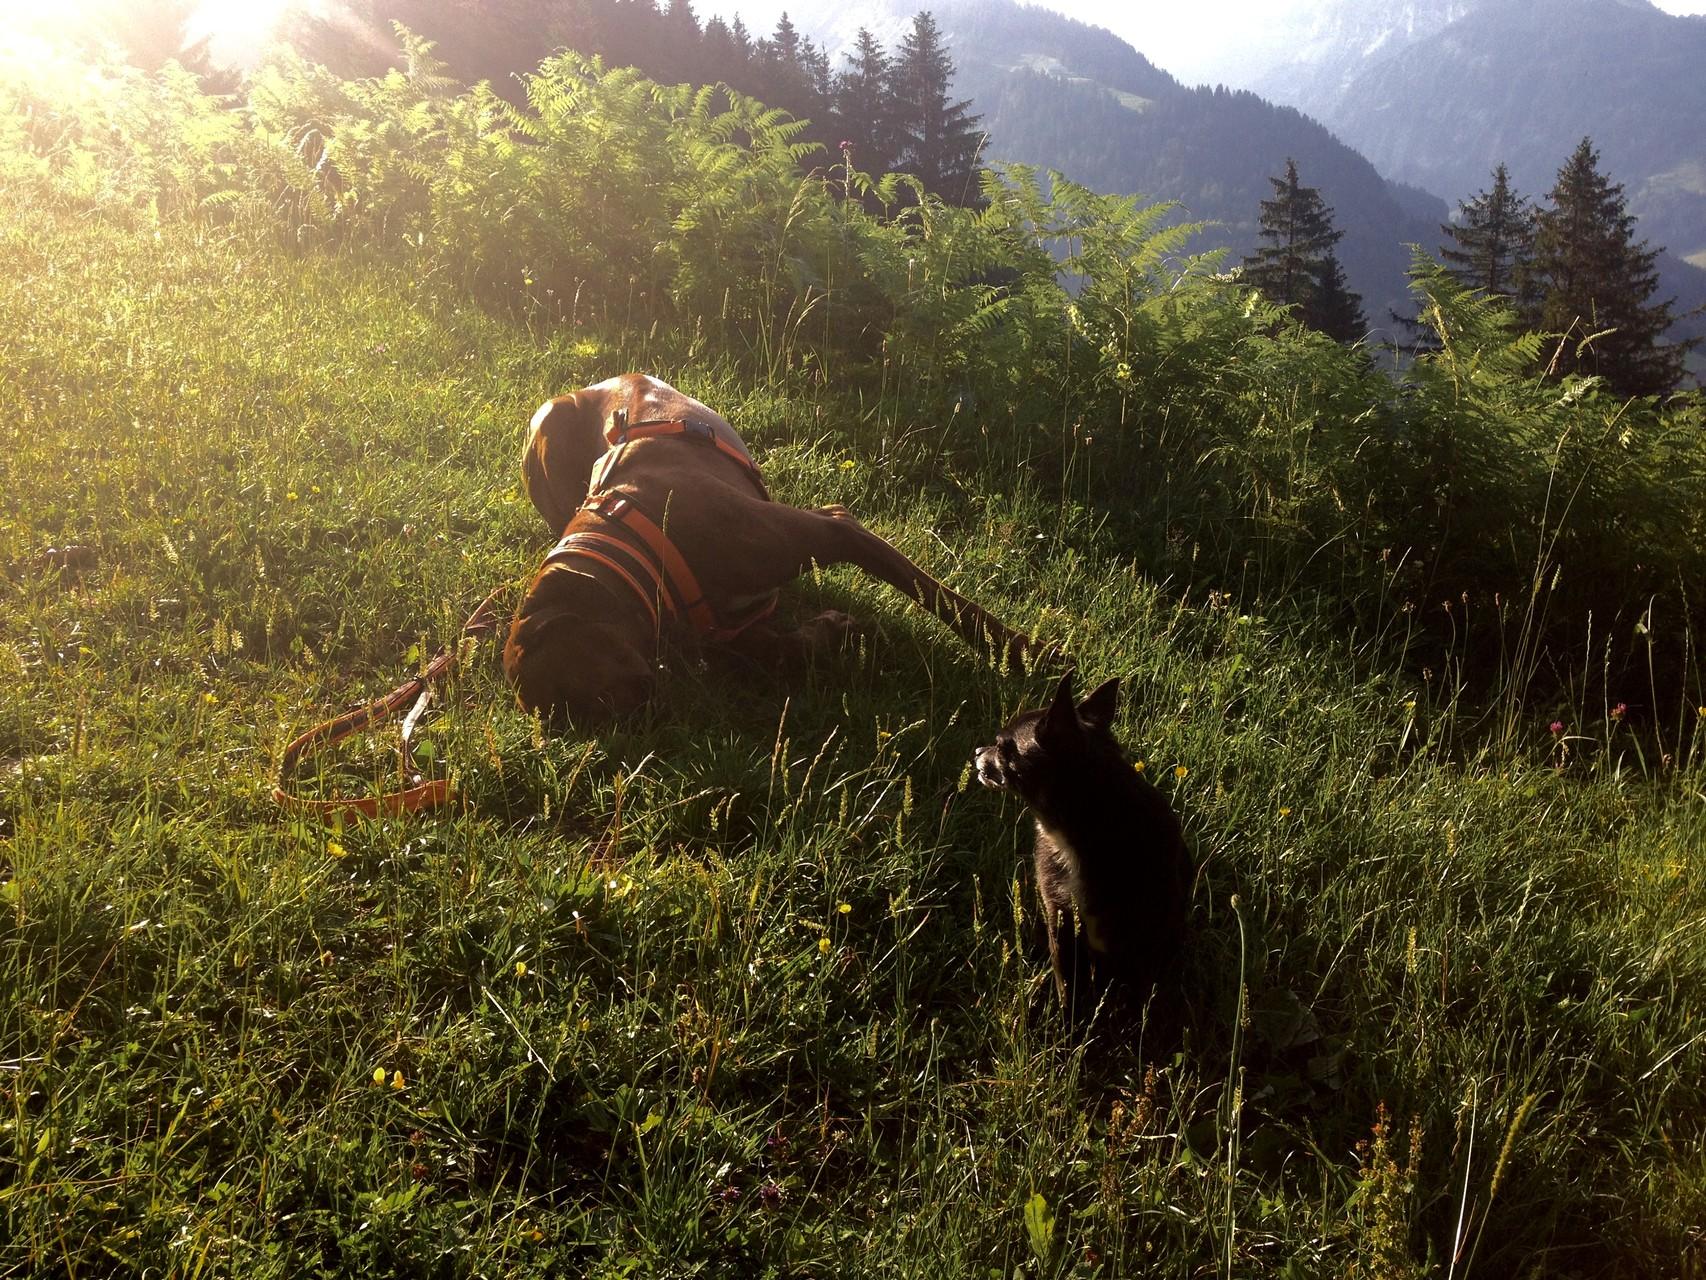 Kurze Rast beim Aufstieg nach Baumgarten/Bezau, Vorarlberg.